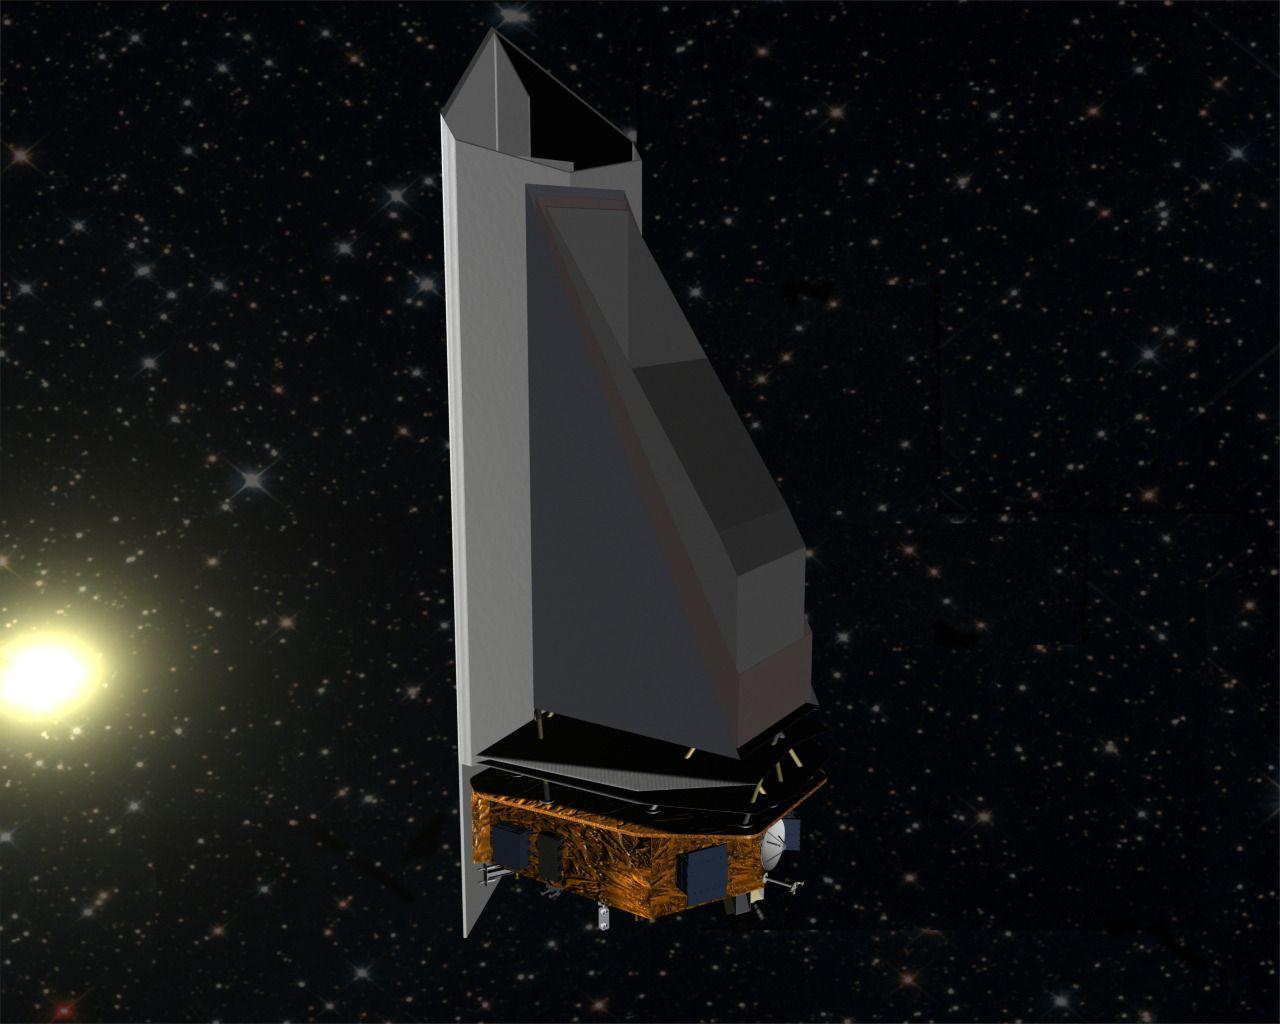 Slik tenker man seg at NEOcam skal se ut. Foto: NASA/JPL-Caltech